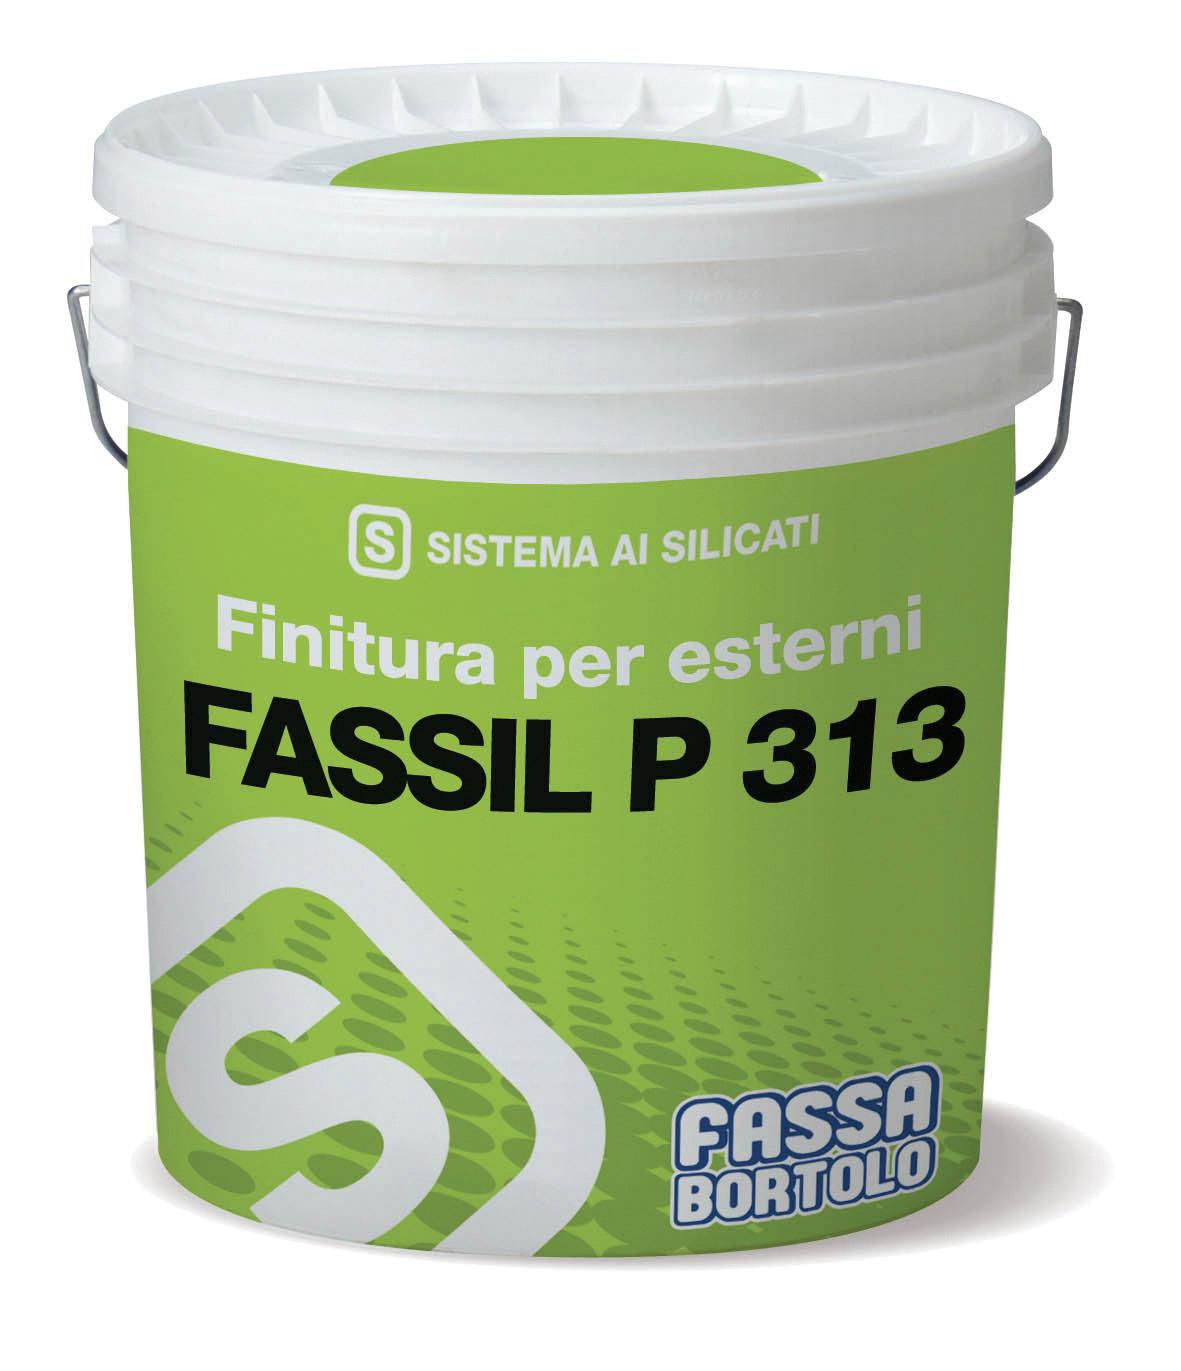 FASSIL P 313: Pintura aquosa mineral à base de silicatos